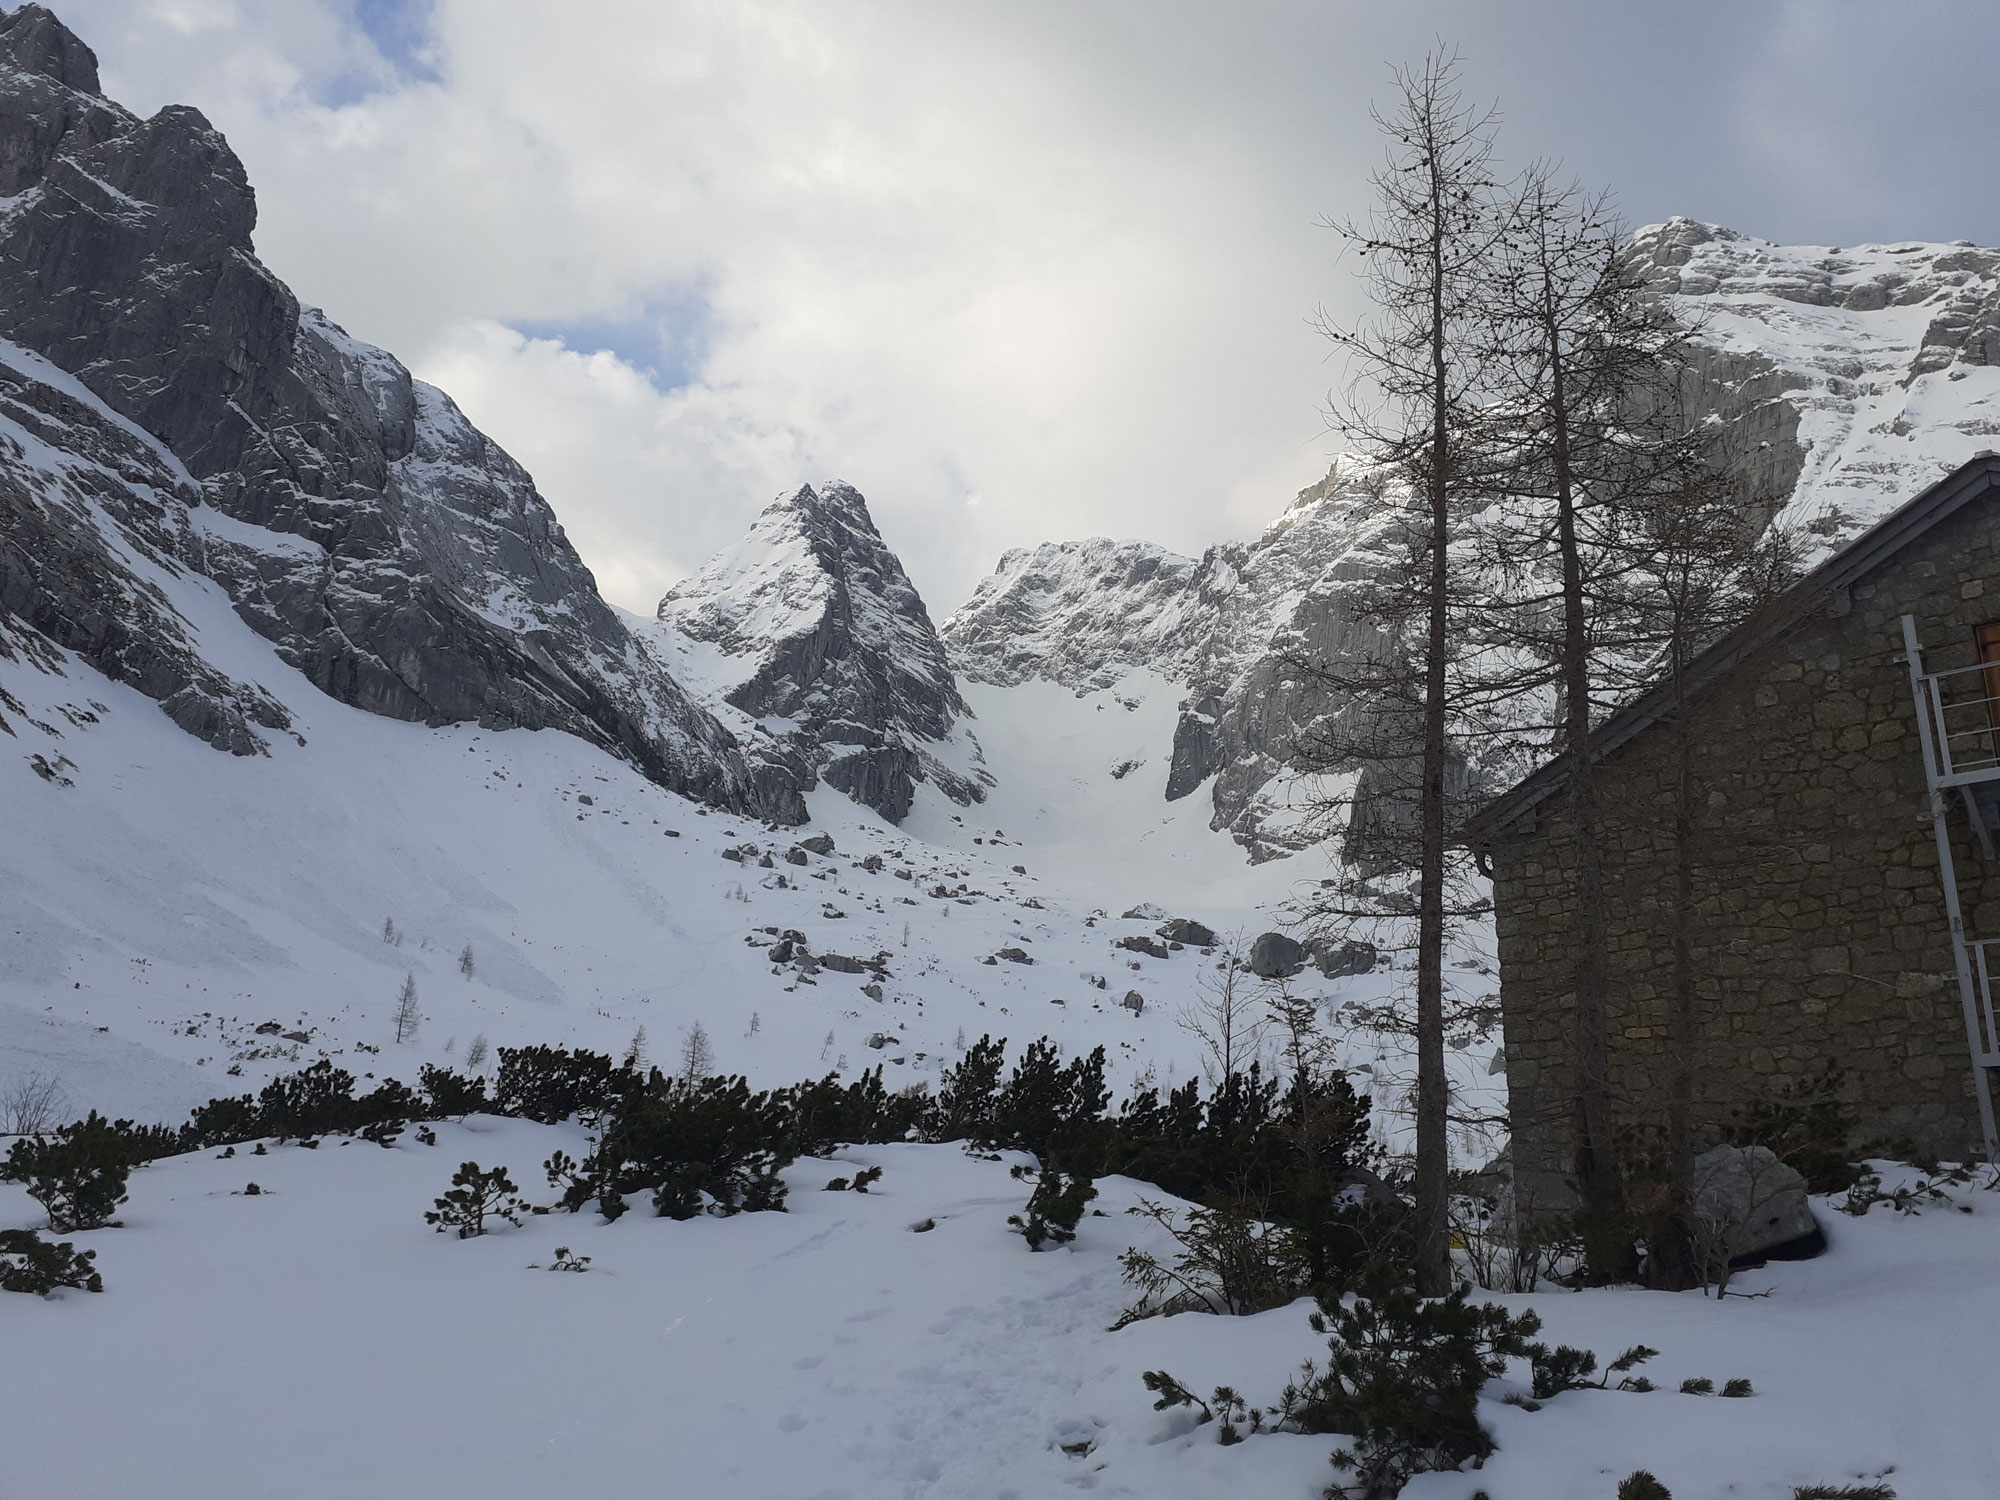 Skitour Blaueisspitze über Blaueisgletscher